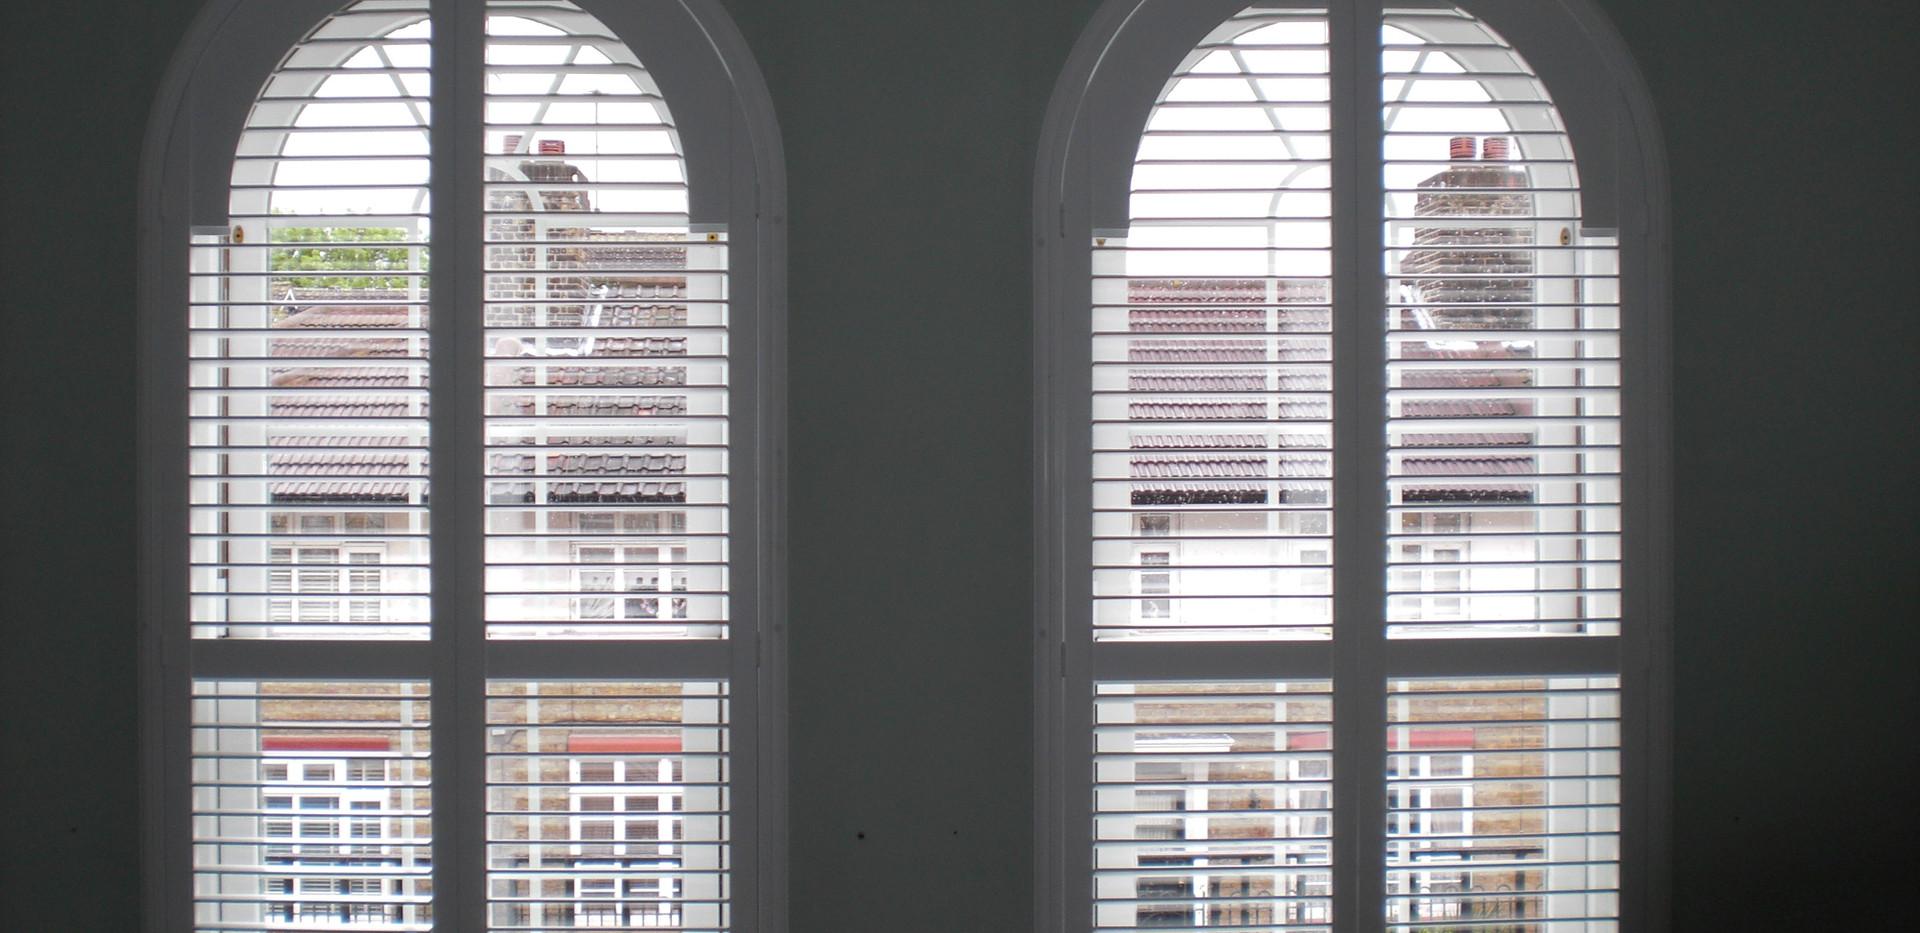 curtains 217 - Copy.jpg